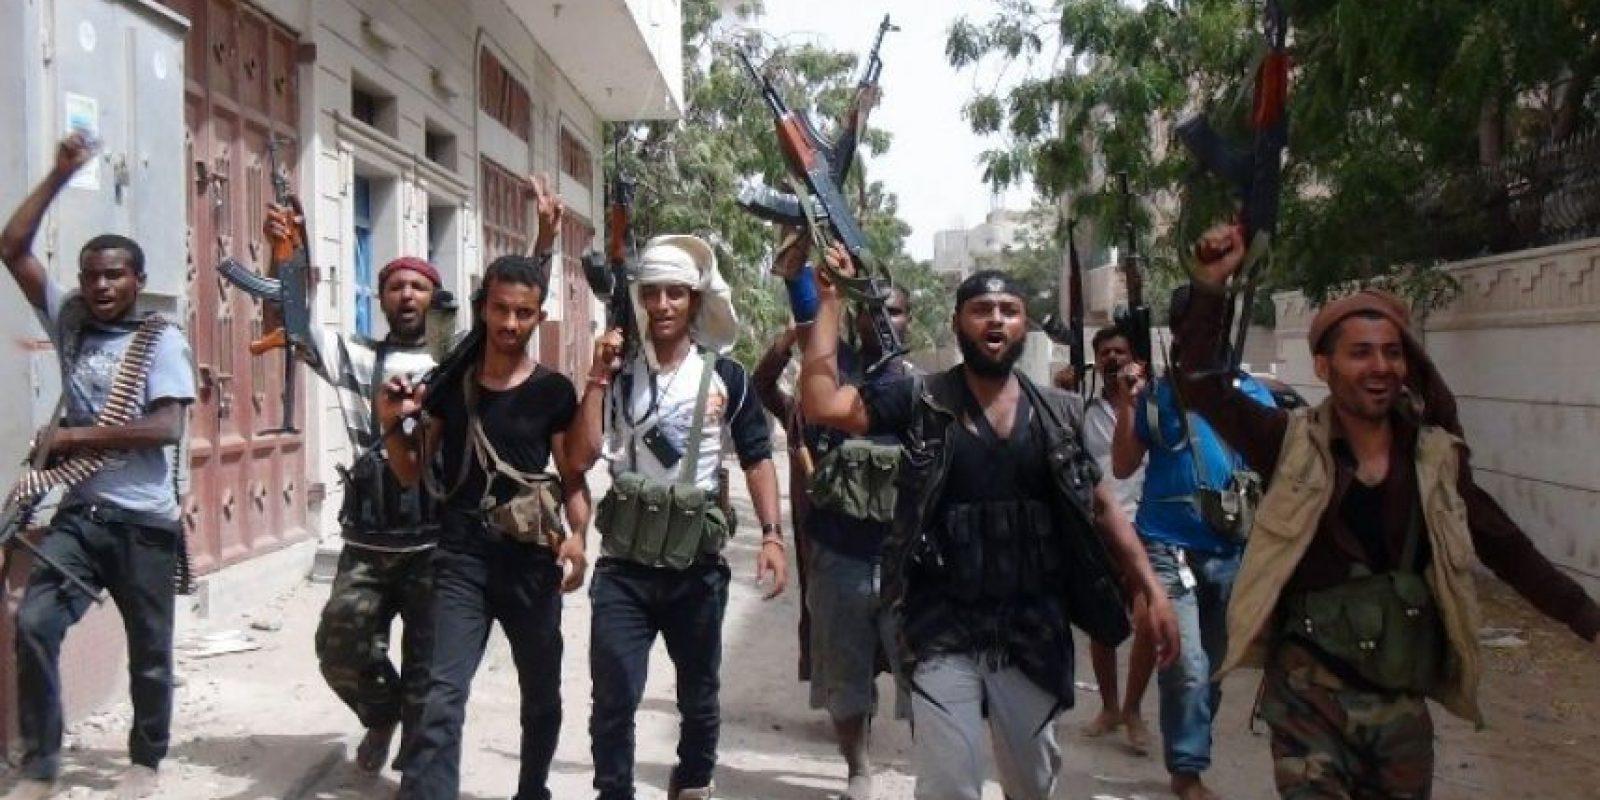 """Rebeldes Huthis: También conocidos como Ansarullah, su nombre significa """"Partidarios de Dios"""". Inicialmente se levantaron en armas durante la década pasadas """"en defensa de la comunidad chiita – zaidí"""", a la que pertenece casi el 30% de los 26 millones de pobladores de Yemen. Foto:AFP"""